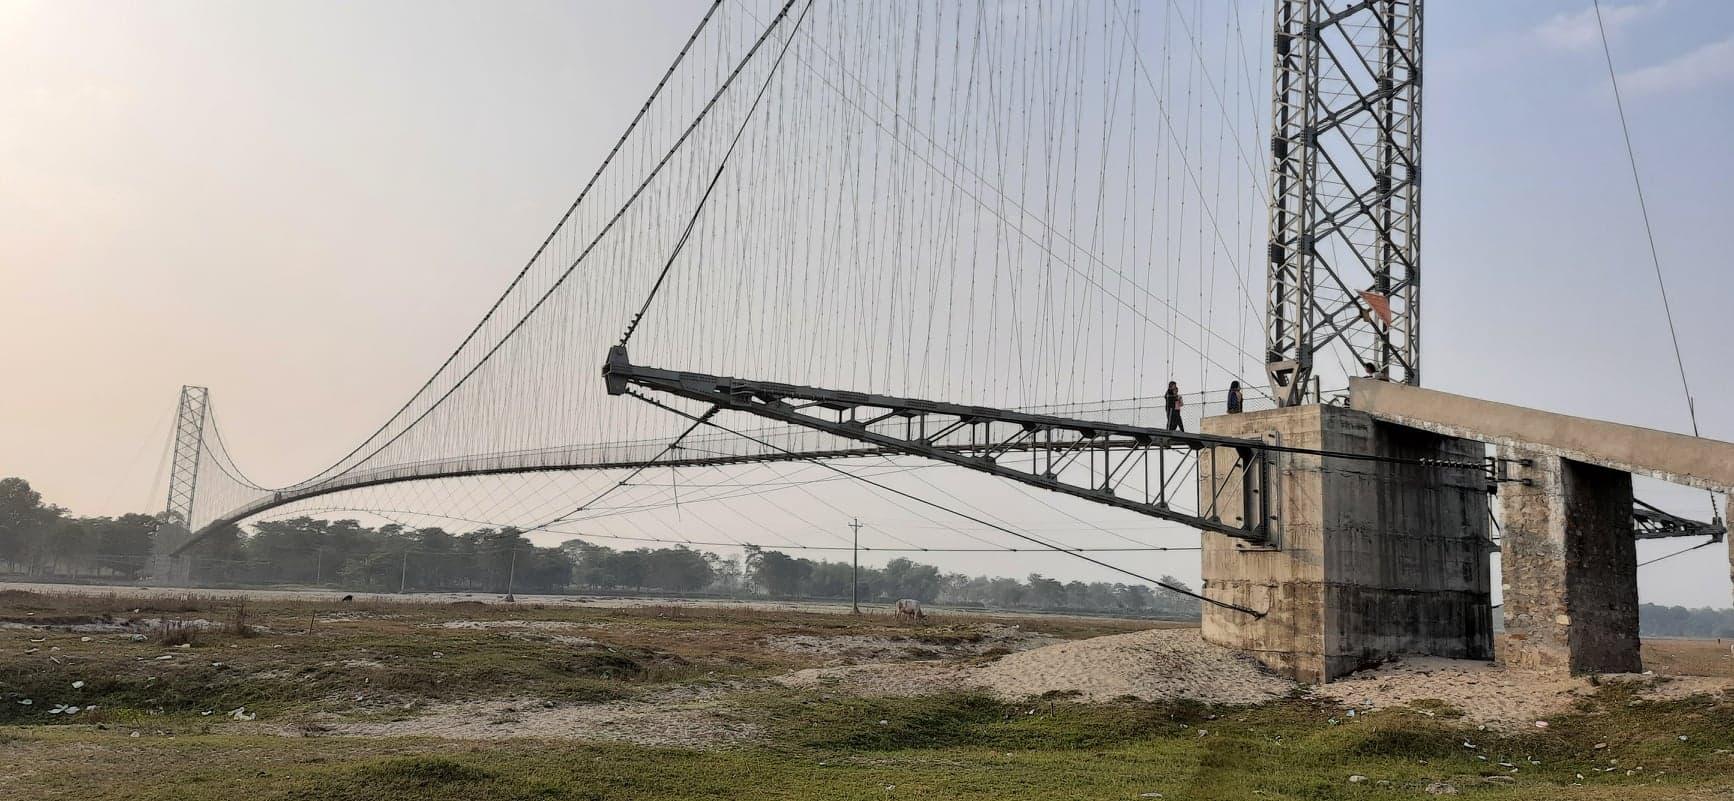 बल्ल जोडियो 'मेचीपारिको नेपाल' पुल, सडक पुगेसँगै 'नेपाली' महसुस गर्न थाले स्थानीय :: Times of Pradesh